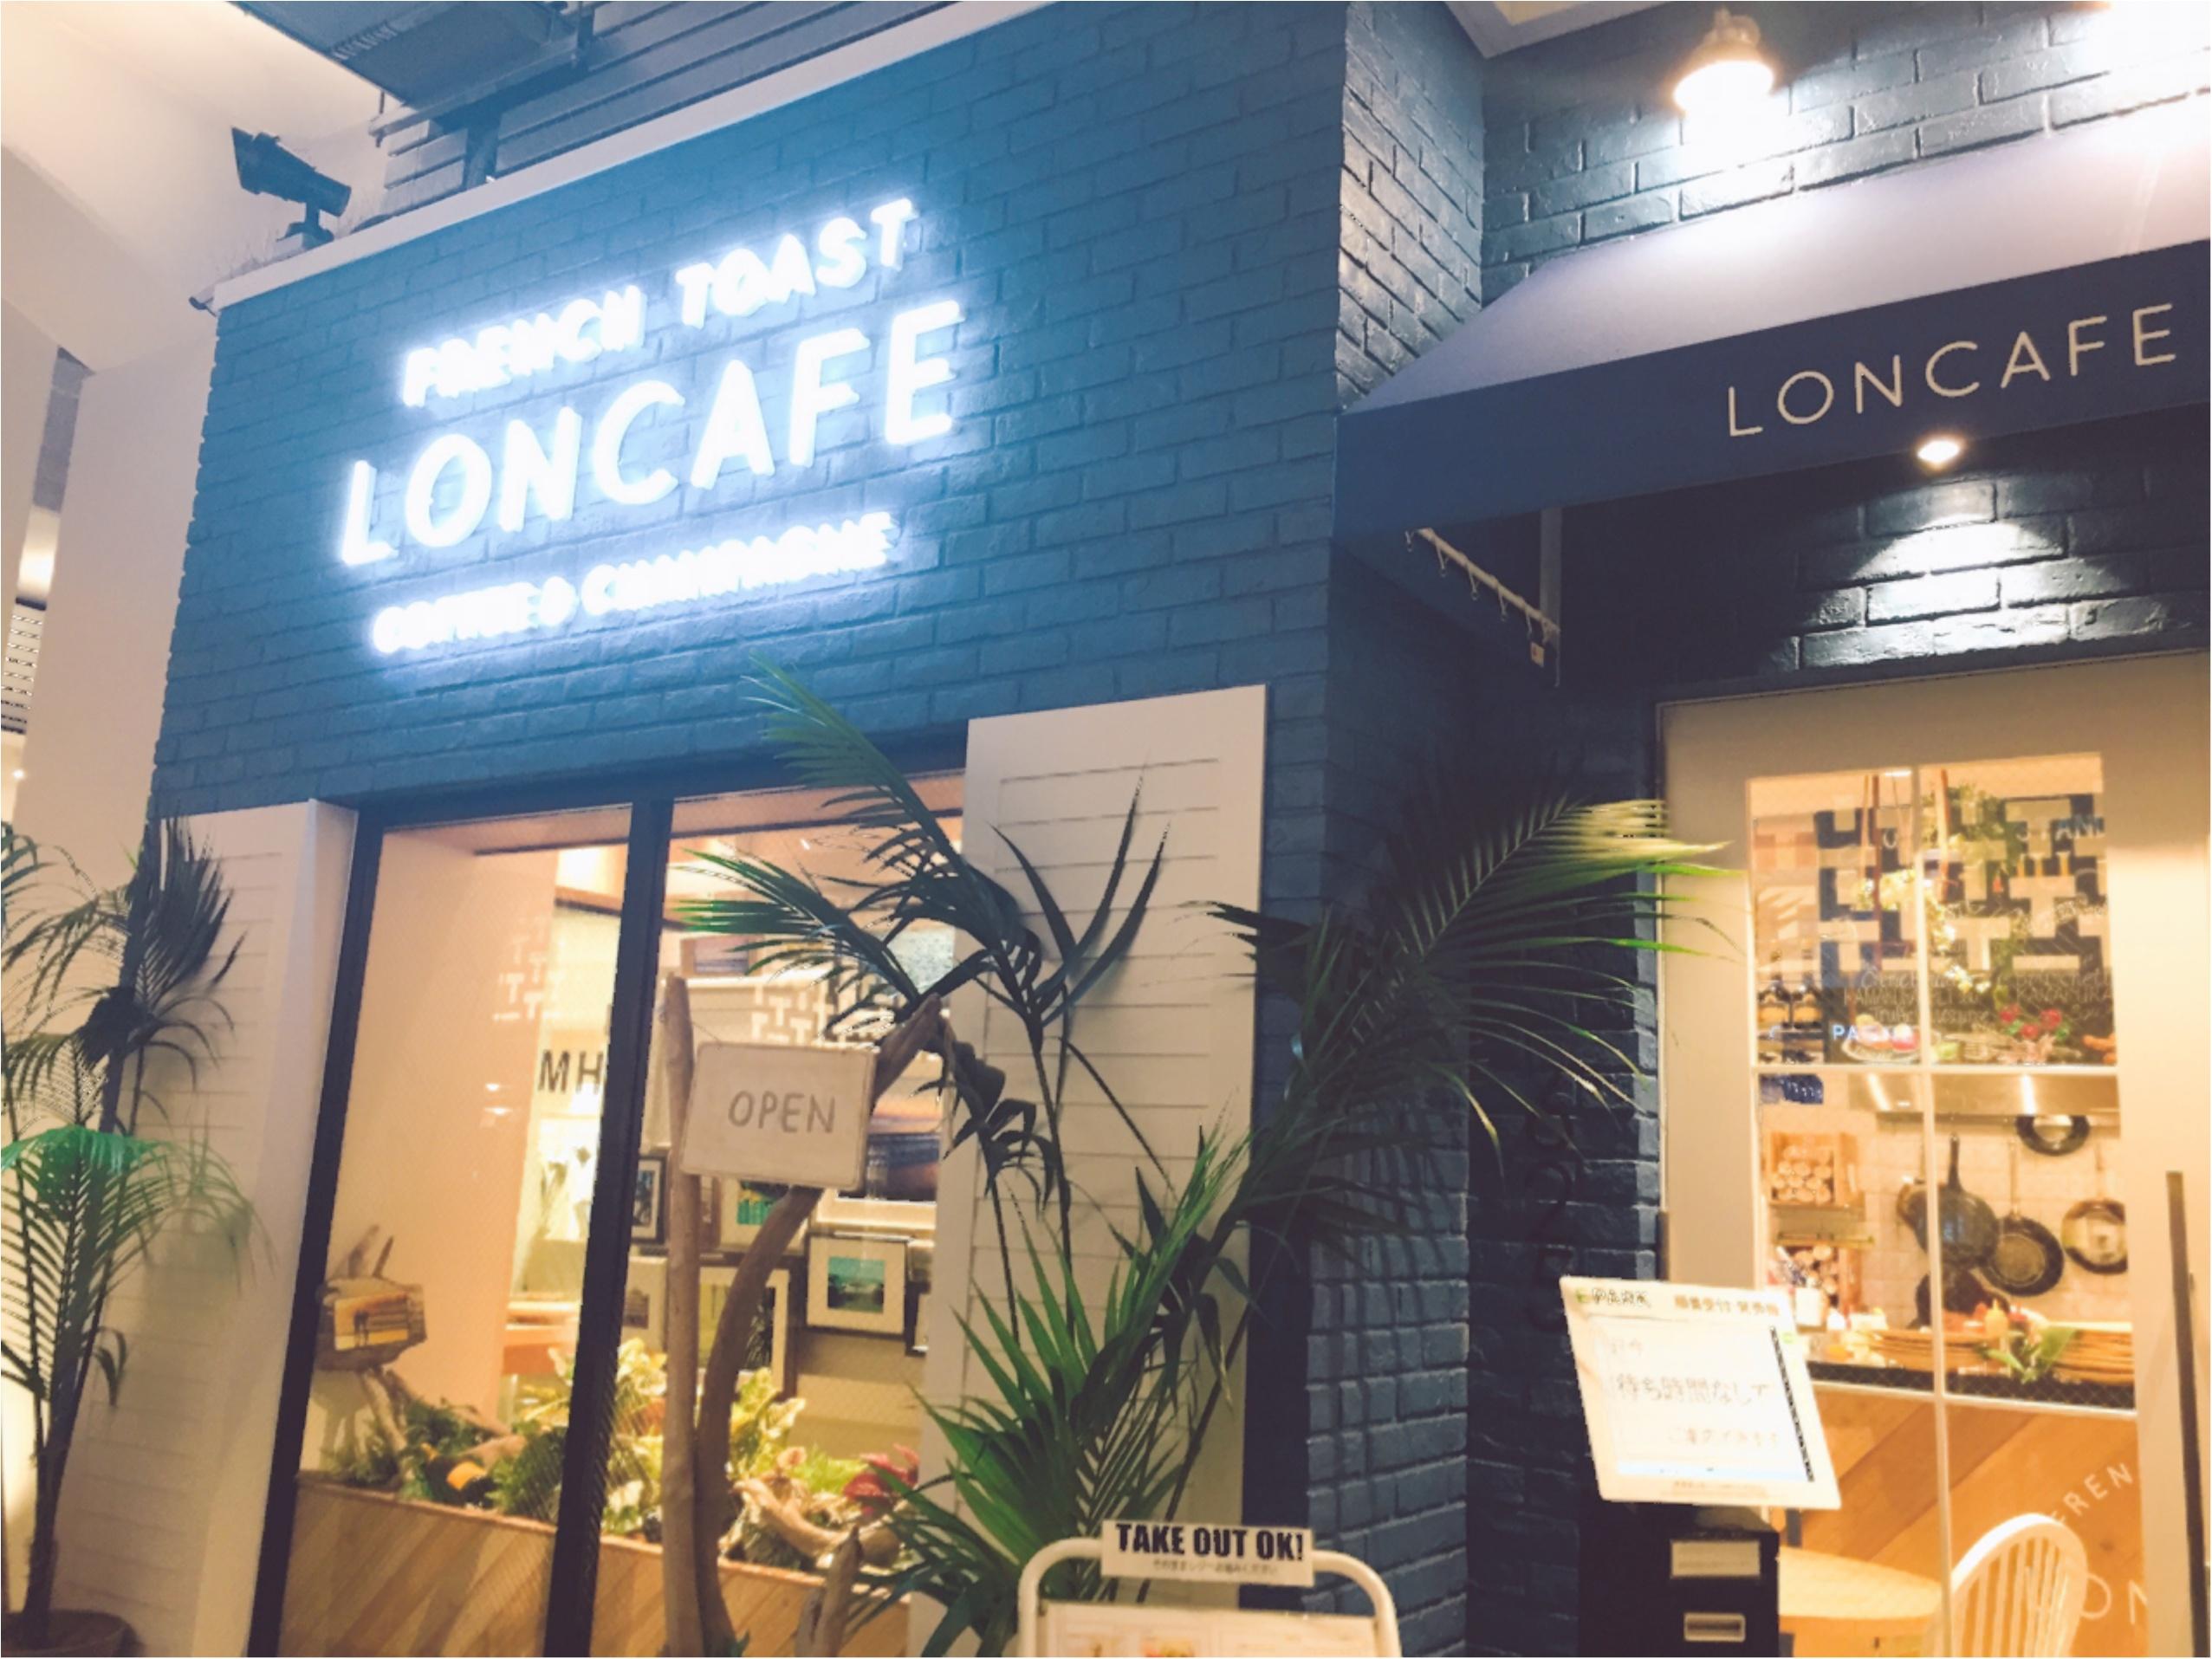 《話題の高架下グルメ》中目黒高架下で食べられる!湘南で人気のフレンチトースト専門店『LONCAFE』の絶品フレンチトーストが幸せ♡*_1